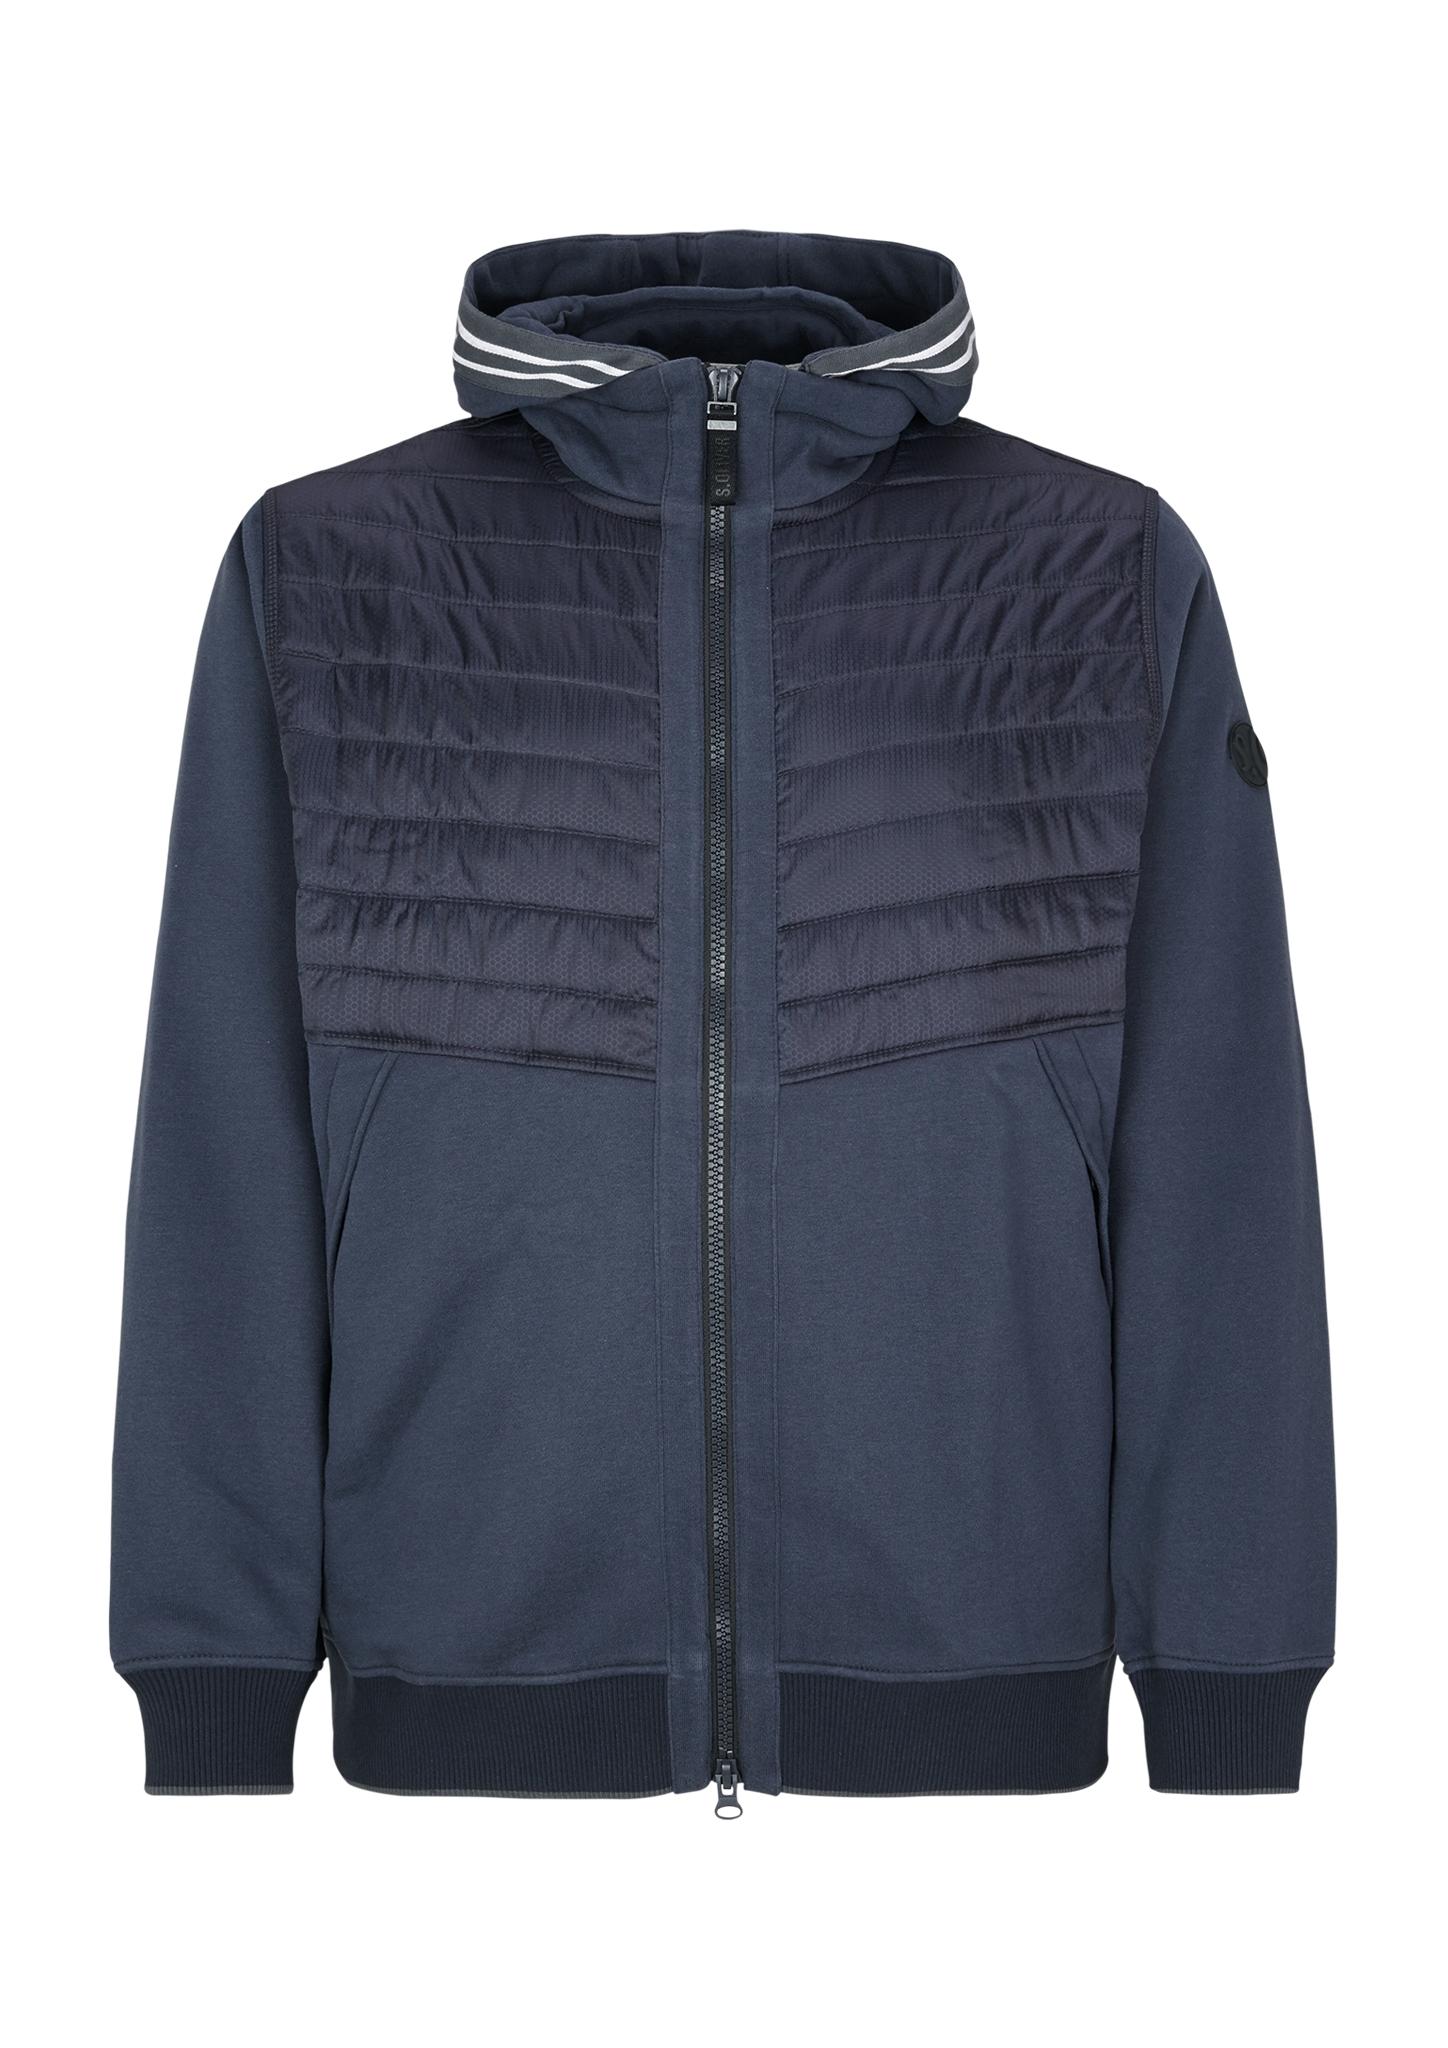 Sweatjacke   Bekleidung > Sweatshirts & -jacken   Blau   Obermaterial 60% baumwolle -  40% polyester  einsatz 100% polyamid  manschette/bund 52% baumwolle -  43% polyester -  5% elasthan   s.Oliver Men Big Sizes